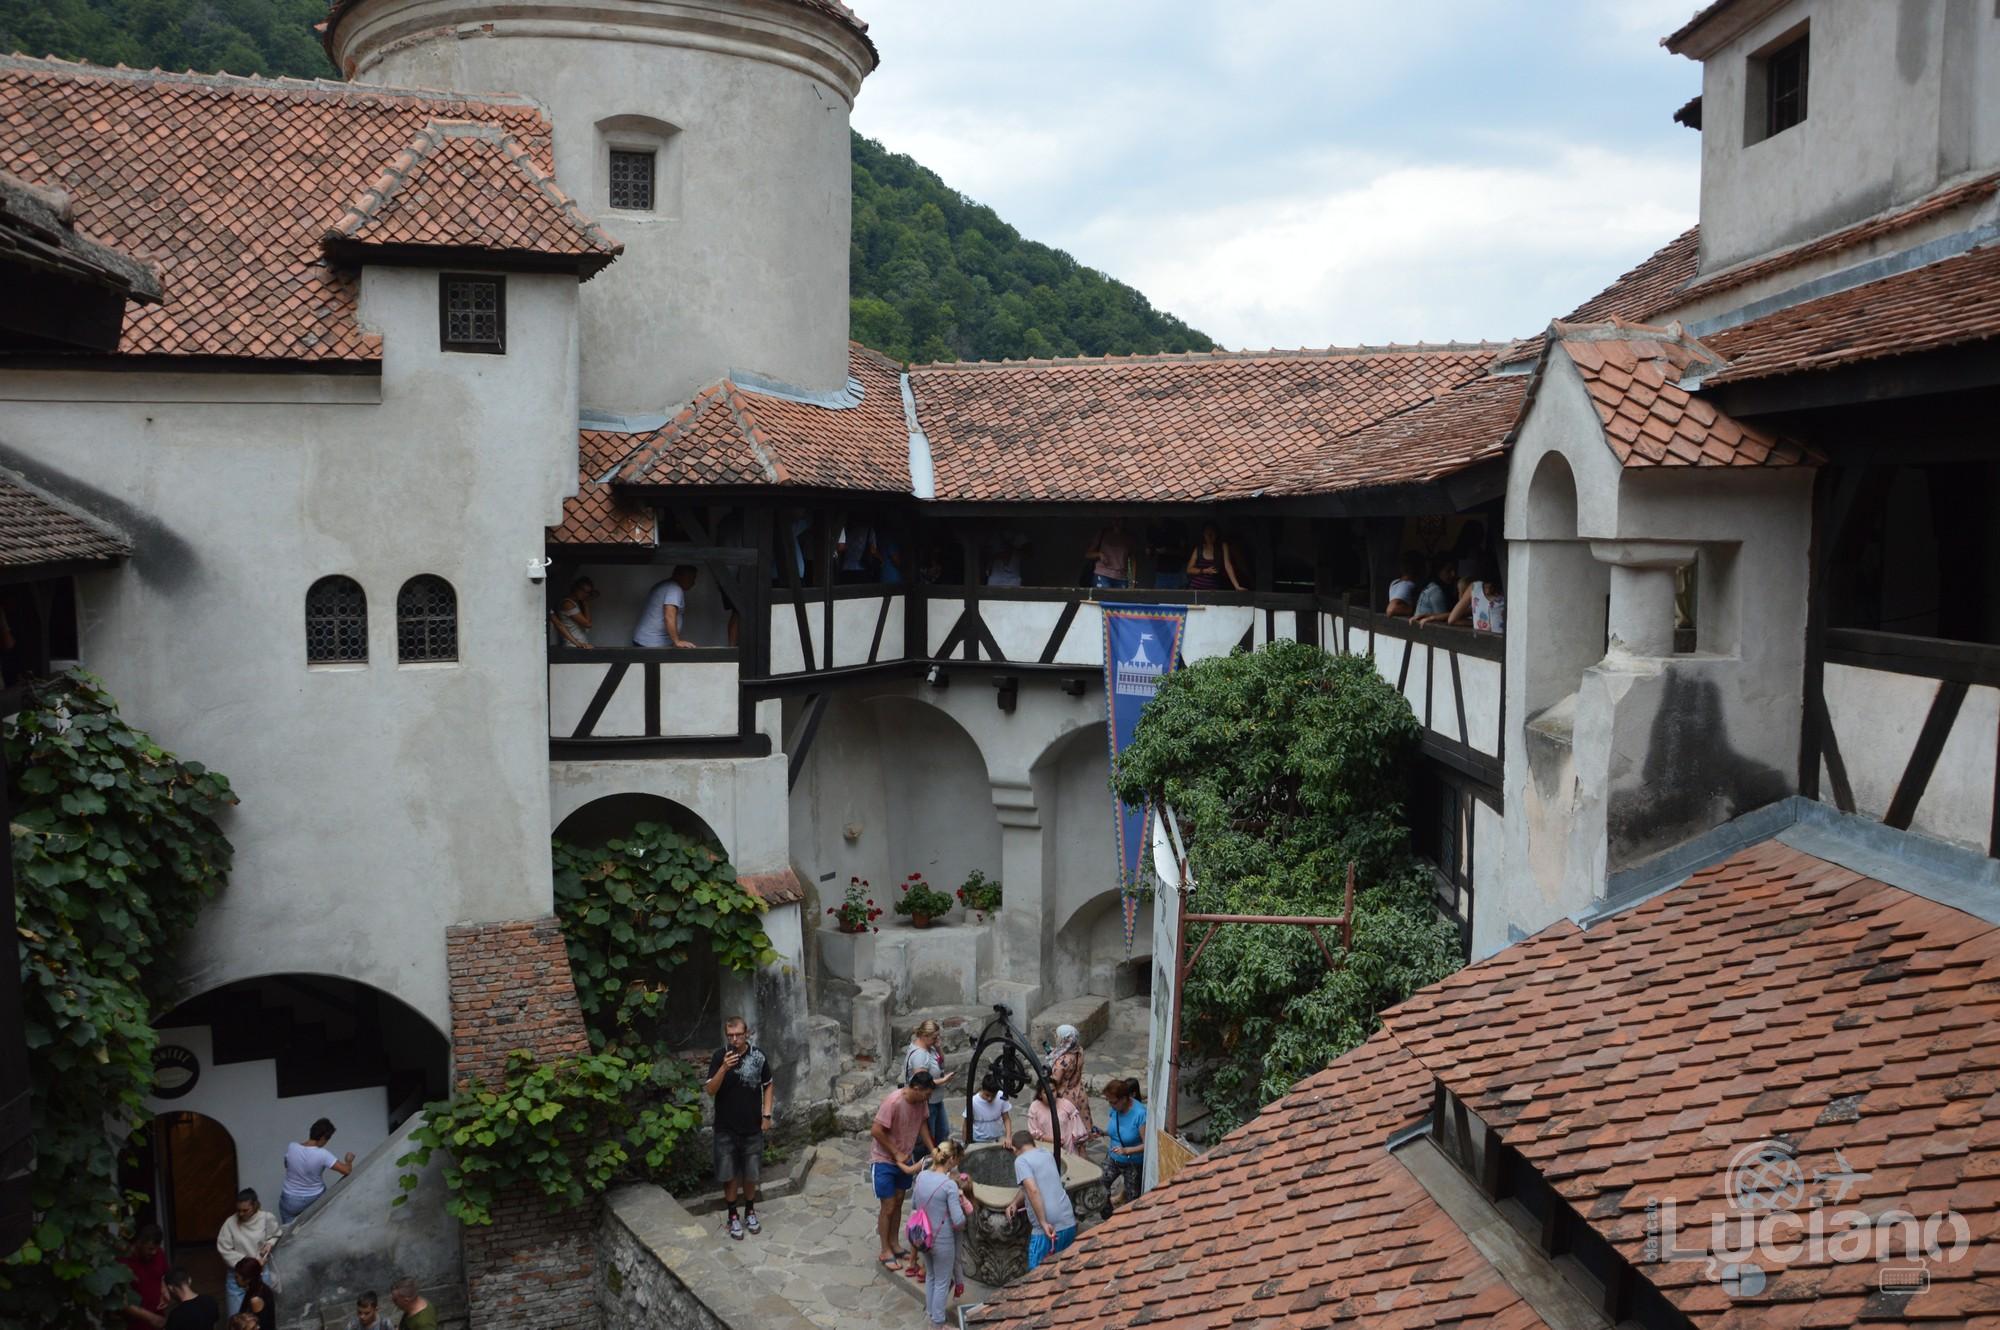 castello-di-dracula-castello-di-bran-luciano-blancato (106)